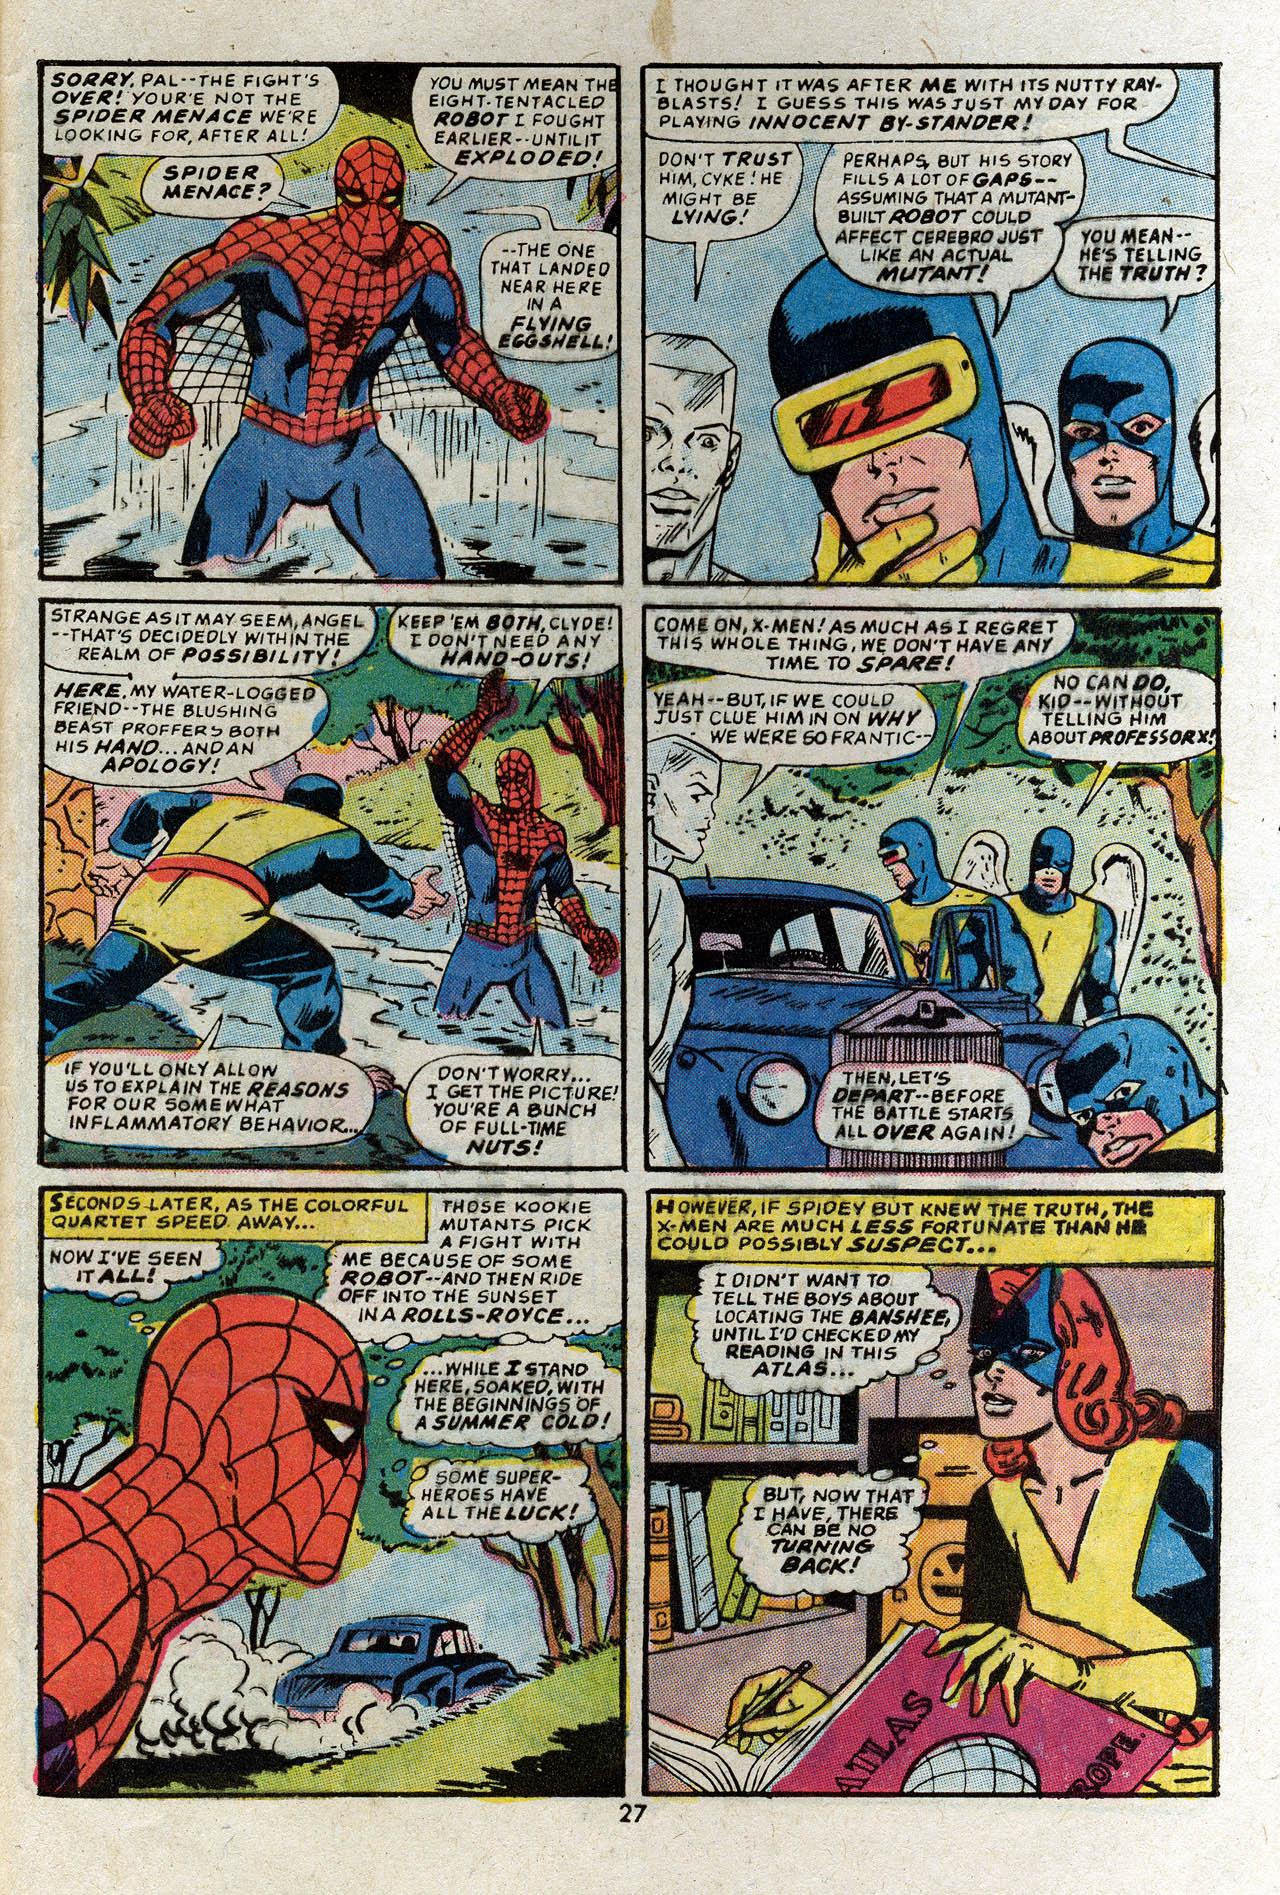 Read online Uncanny X-Men (1963) comic -  Issue #83 - 29